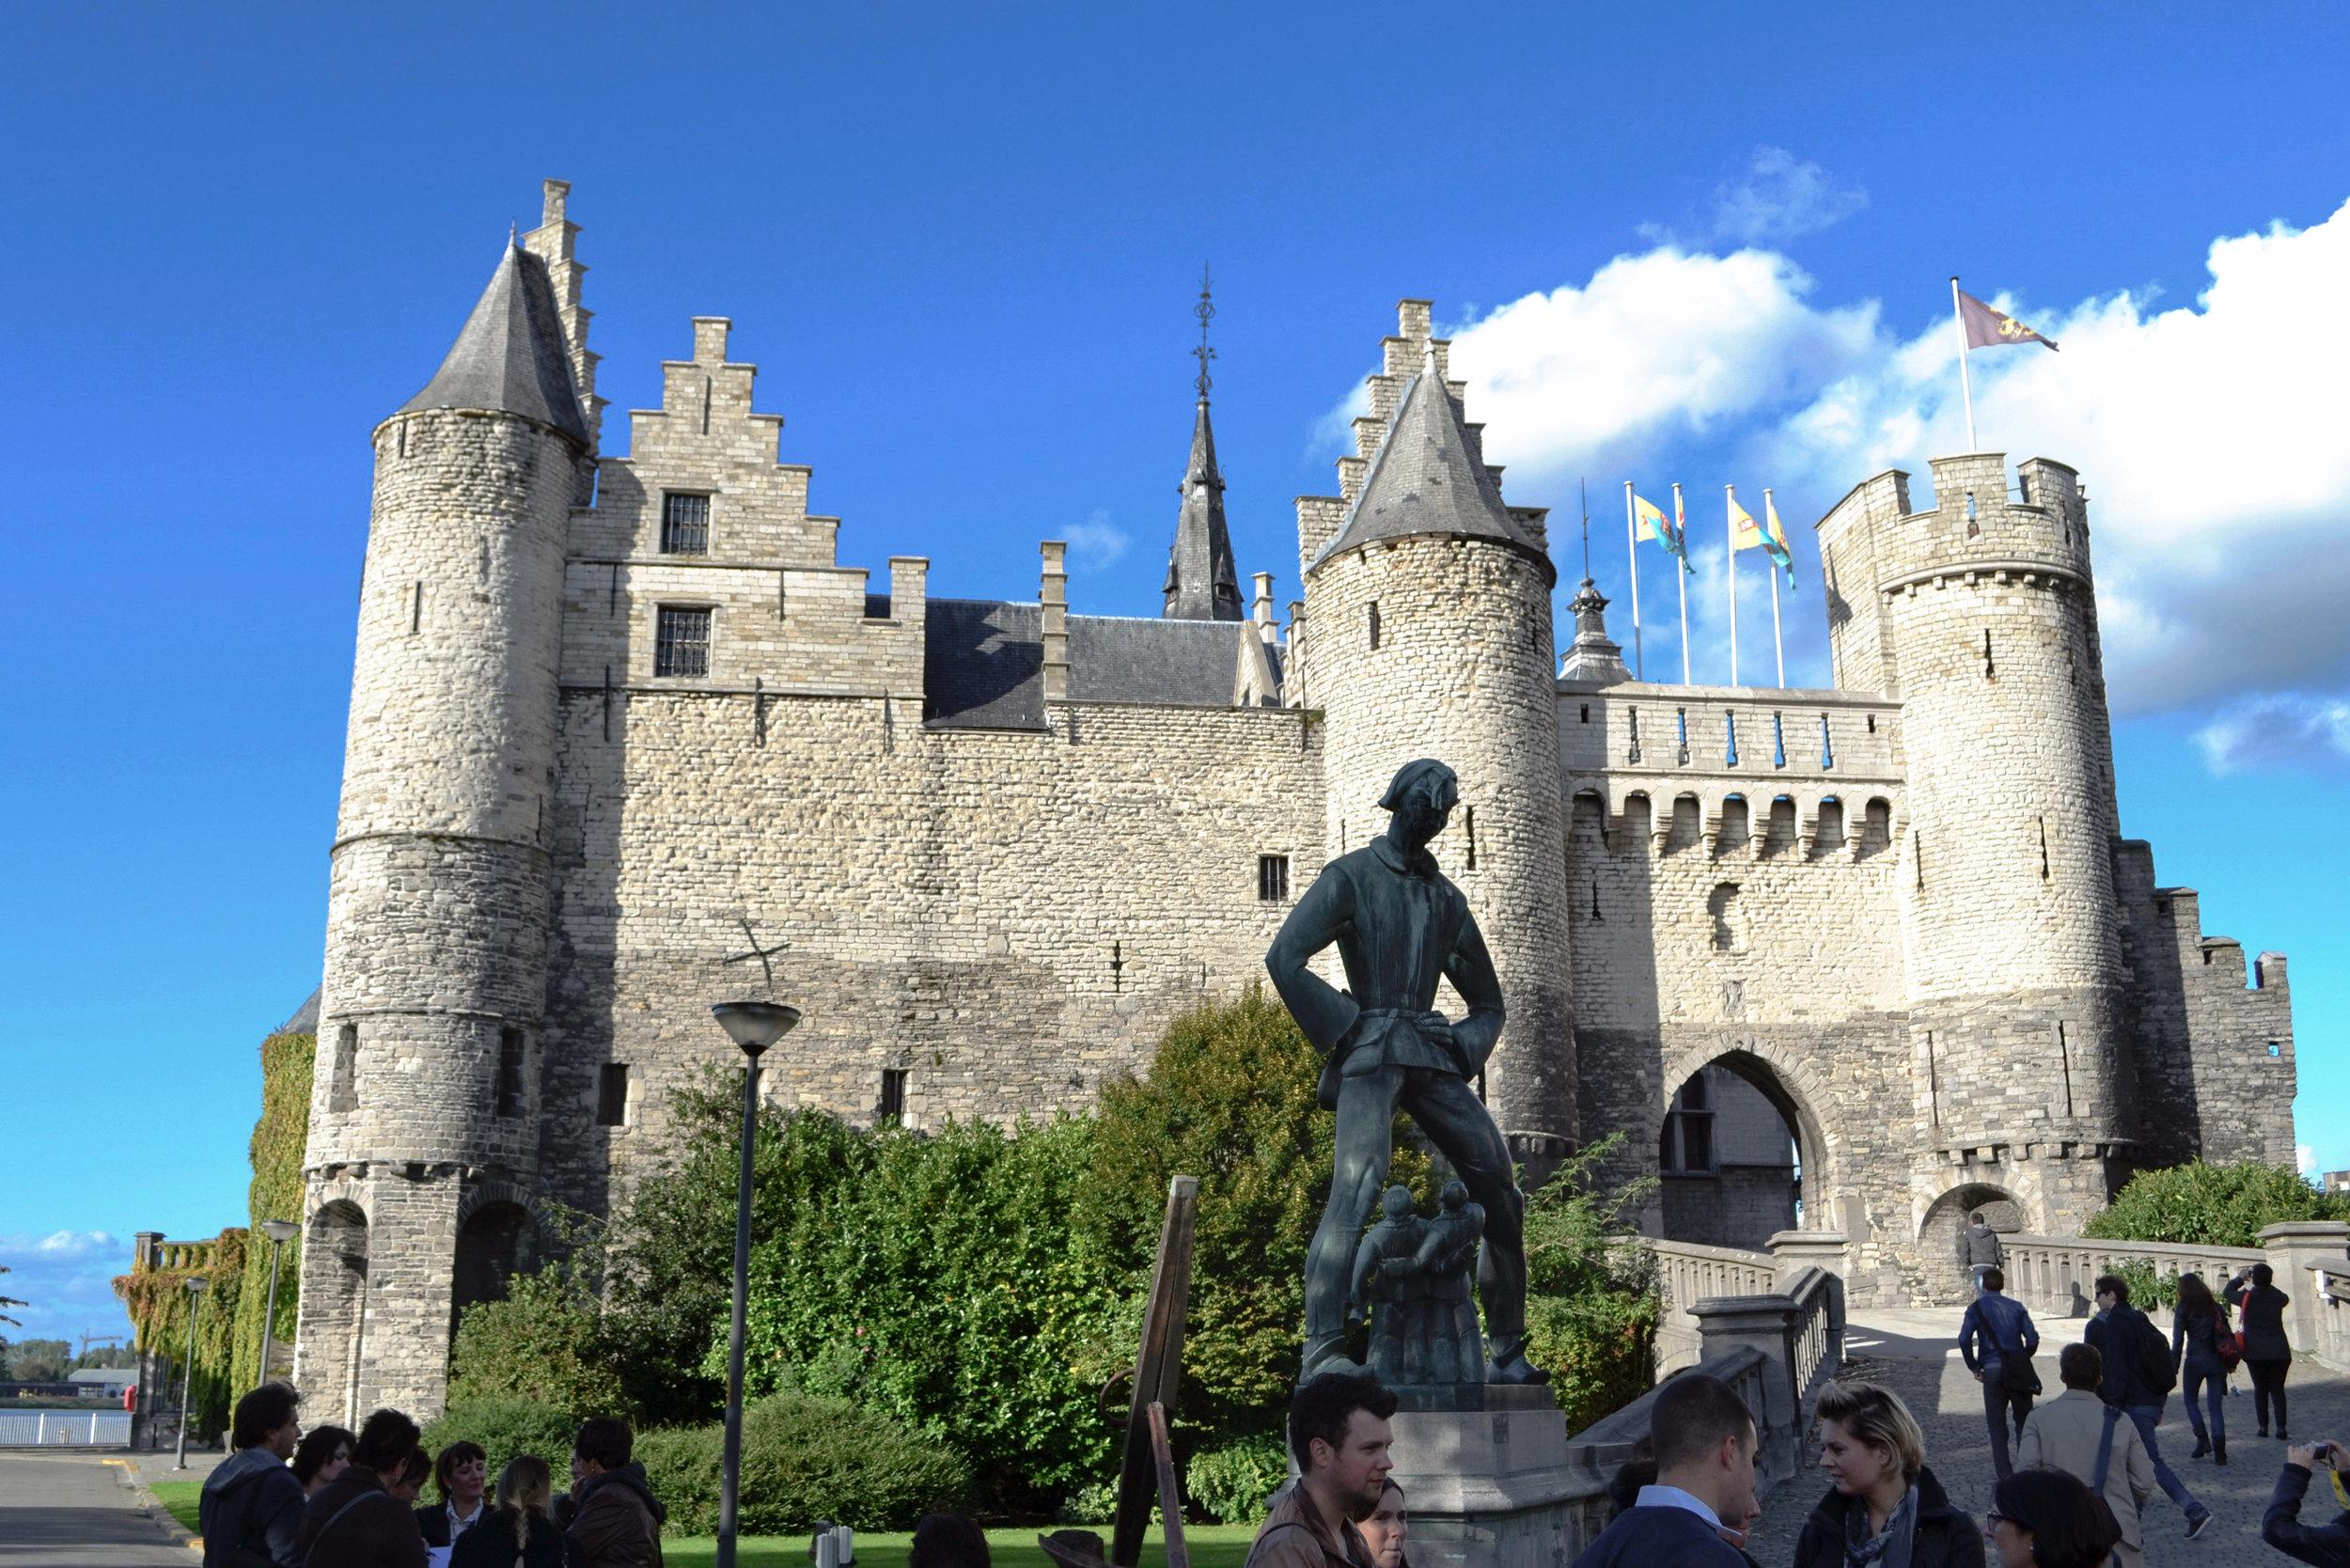 Het Steen castle with the Lange Wapper statue outside